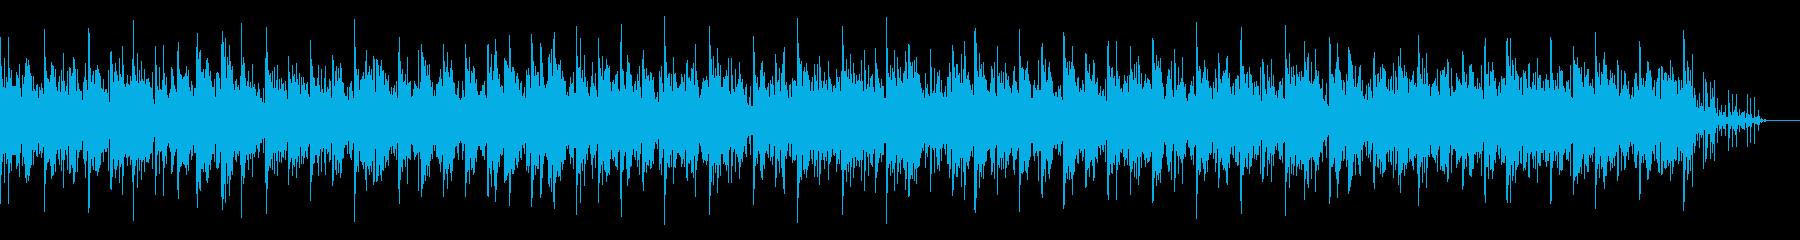 ミディアムテンポのチル系ピアノの再生済みの波形